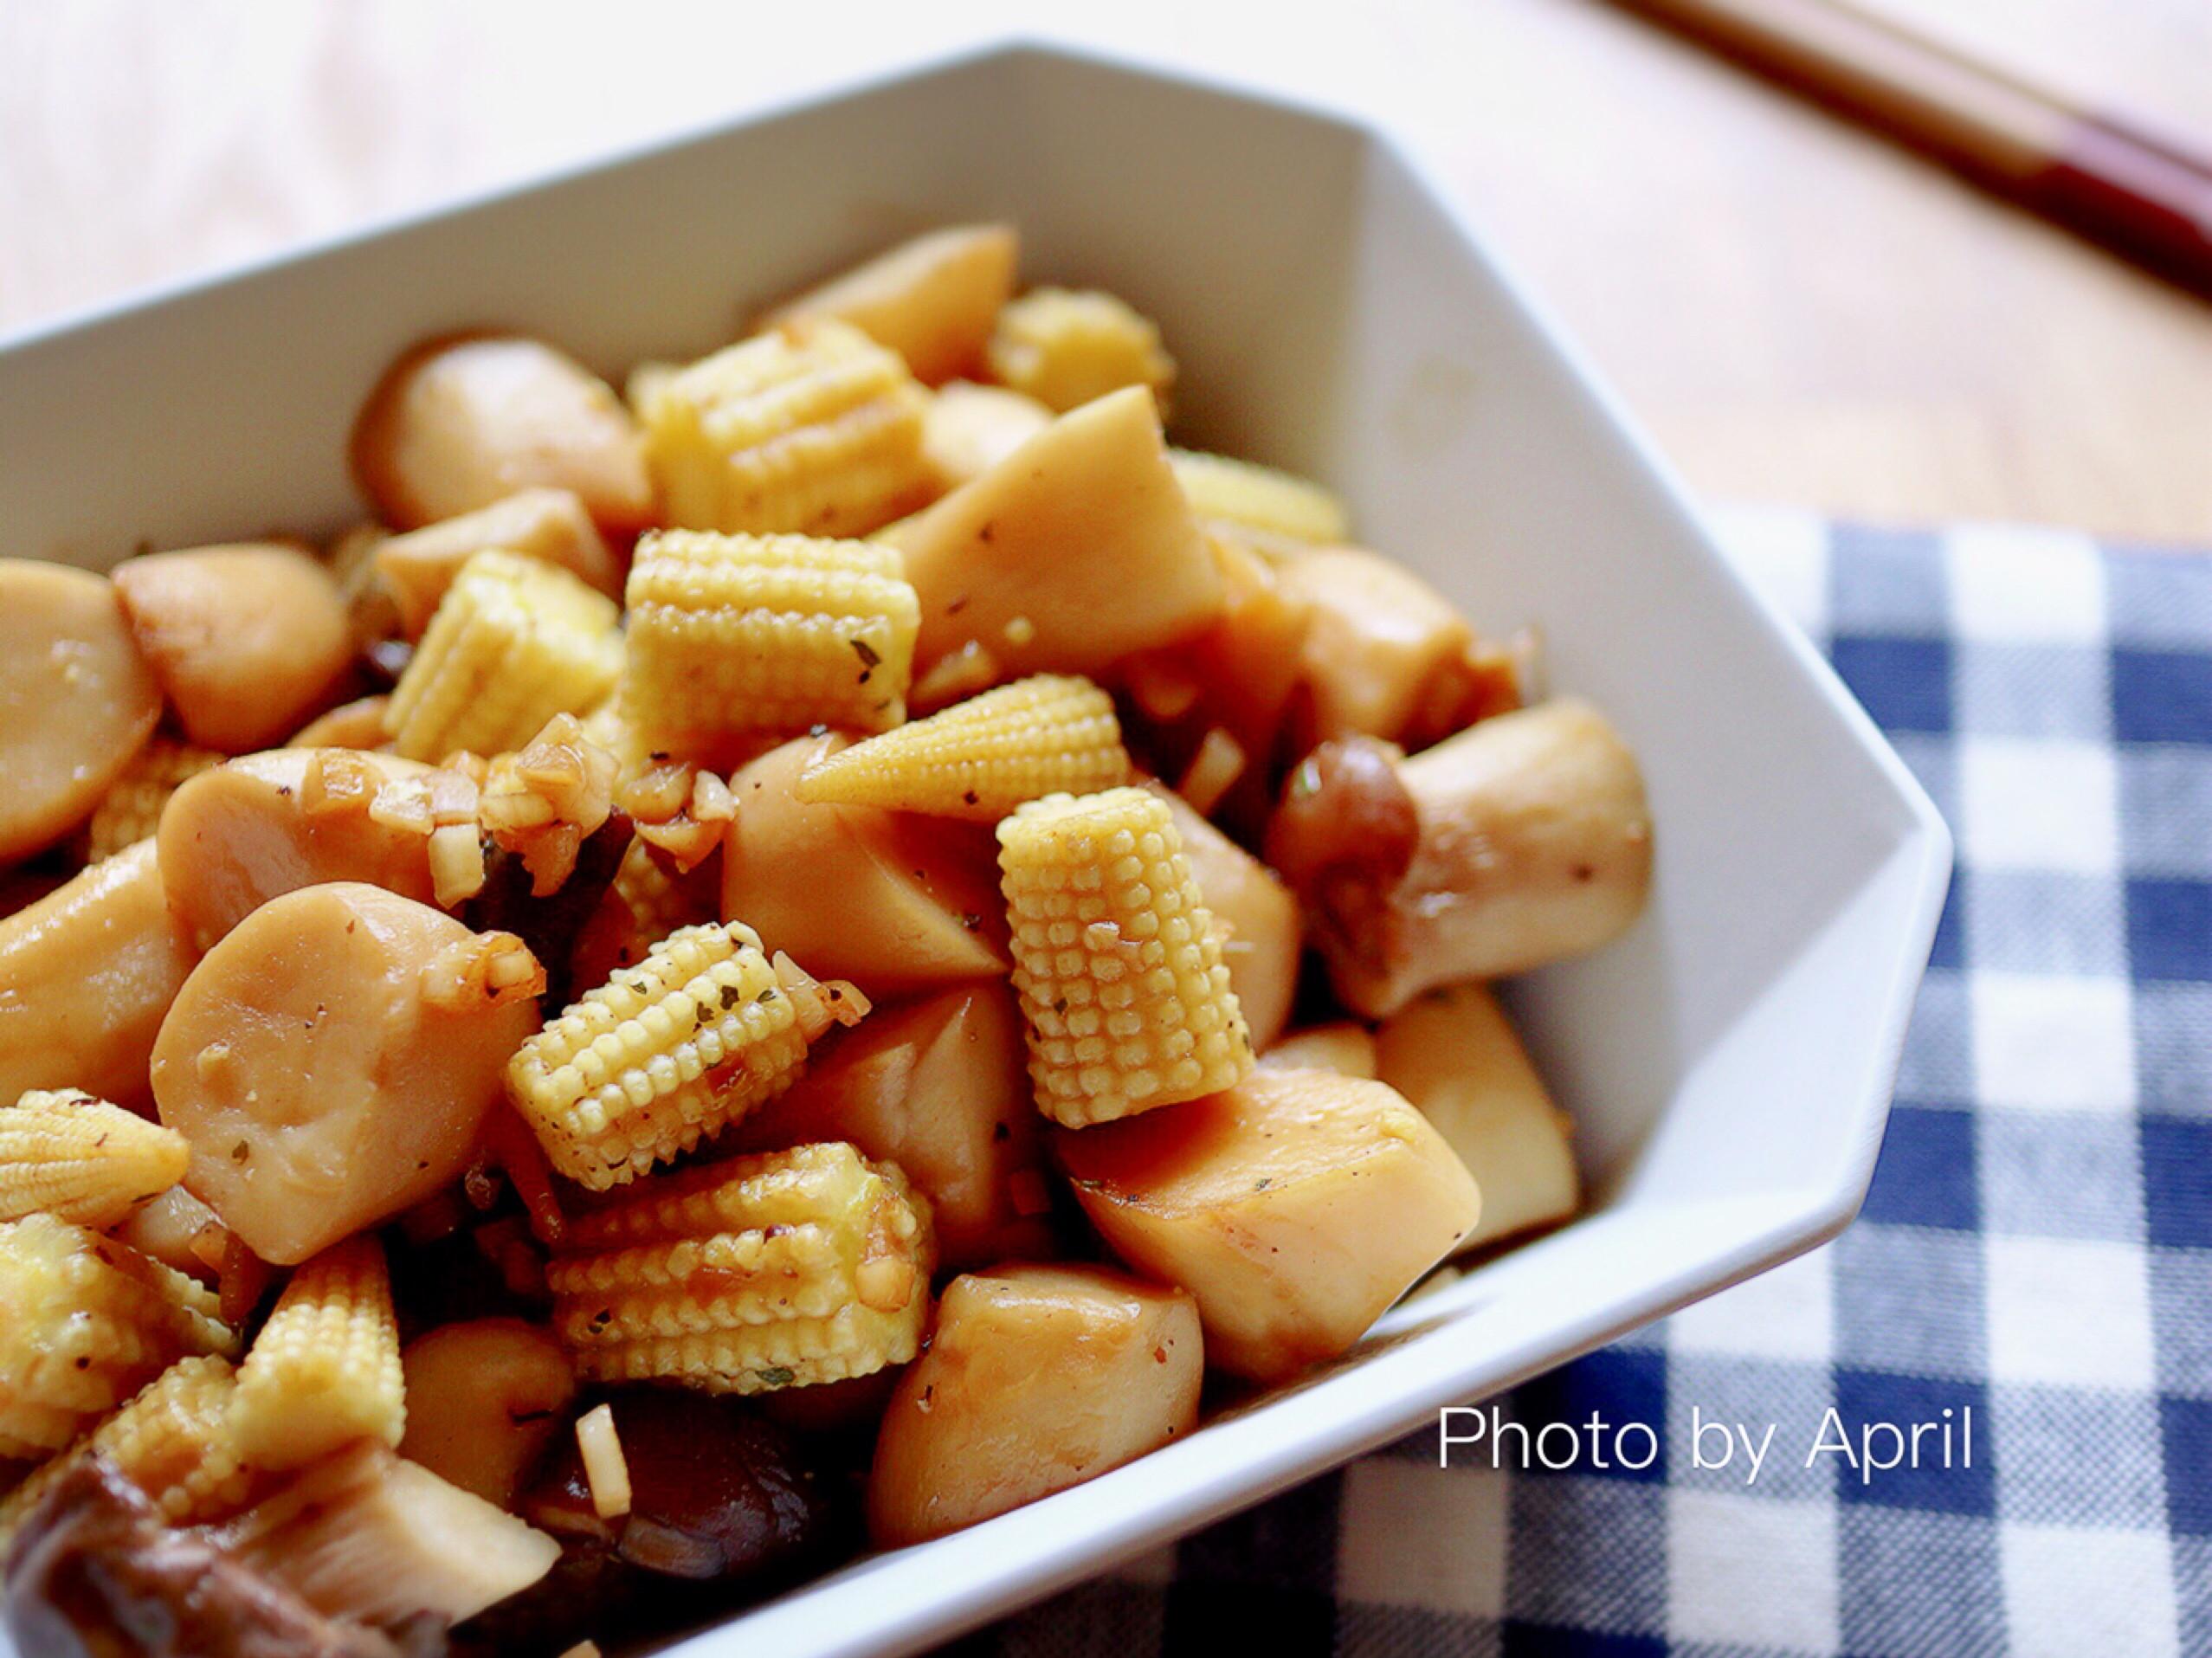 醬燒奶油杏鮑菇玉米筍